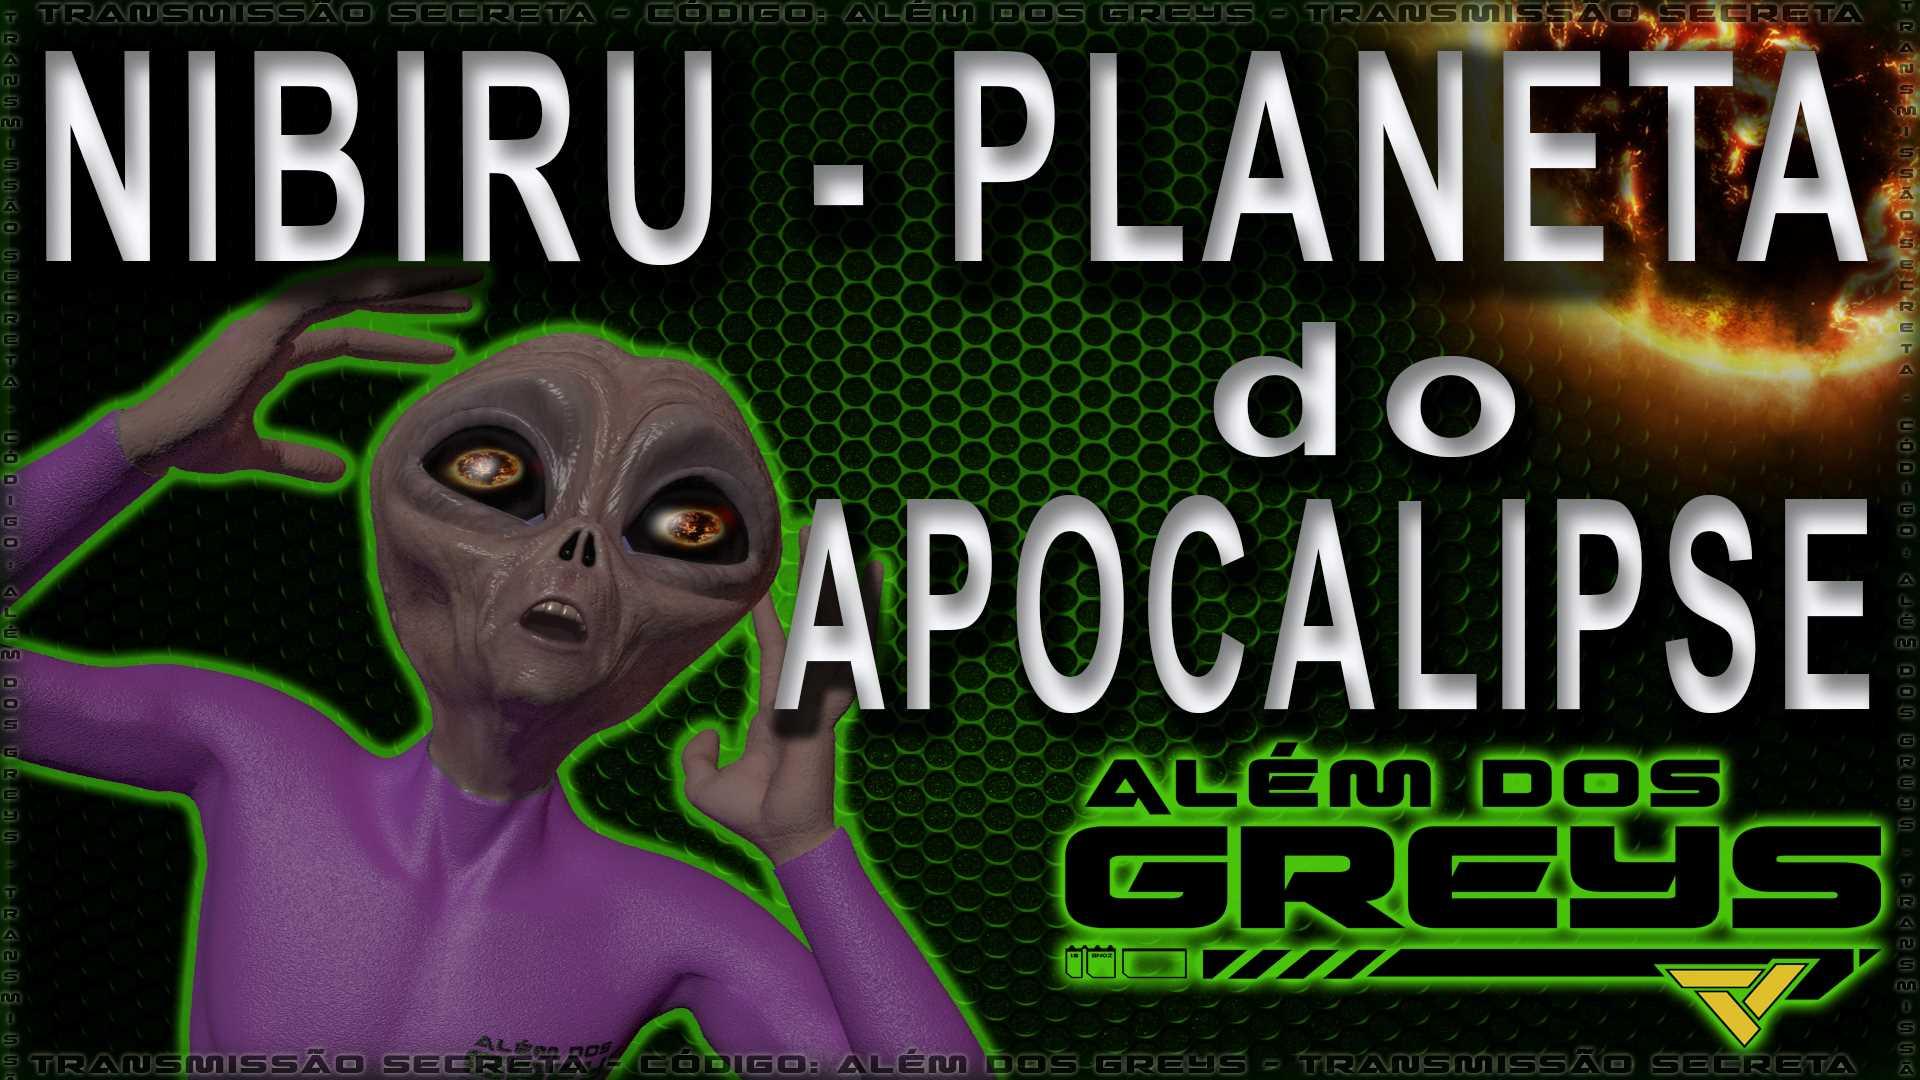 Assista já: NIBIRU o planeta do apocalipse. NIBIRU é o mais polêmico planeta dentro de nosso sistema solar. O retorno do planeta destruidor trás consigo drásticas mudanças no Planeta Terra e para toda humanidade.